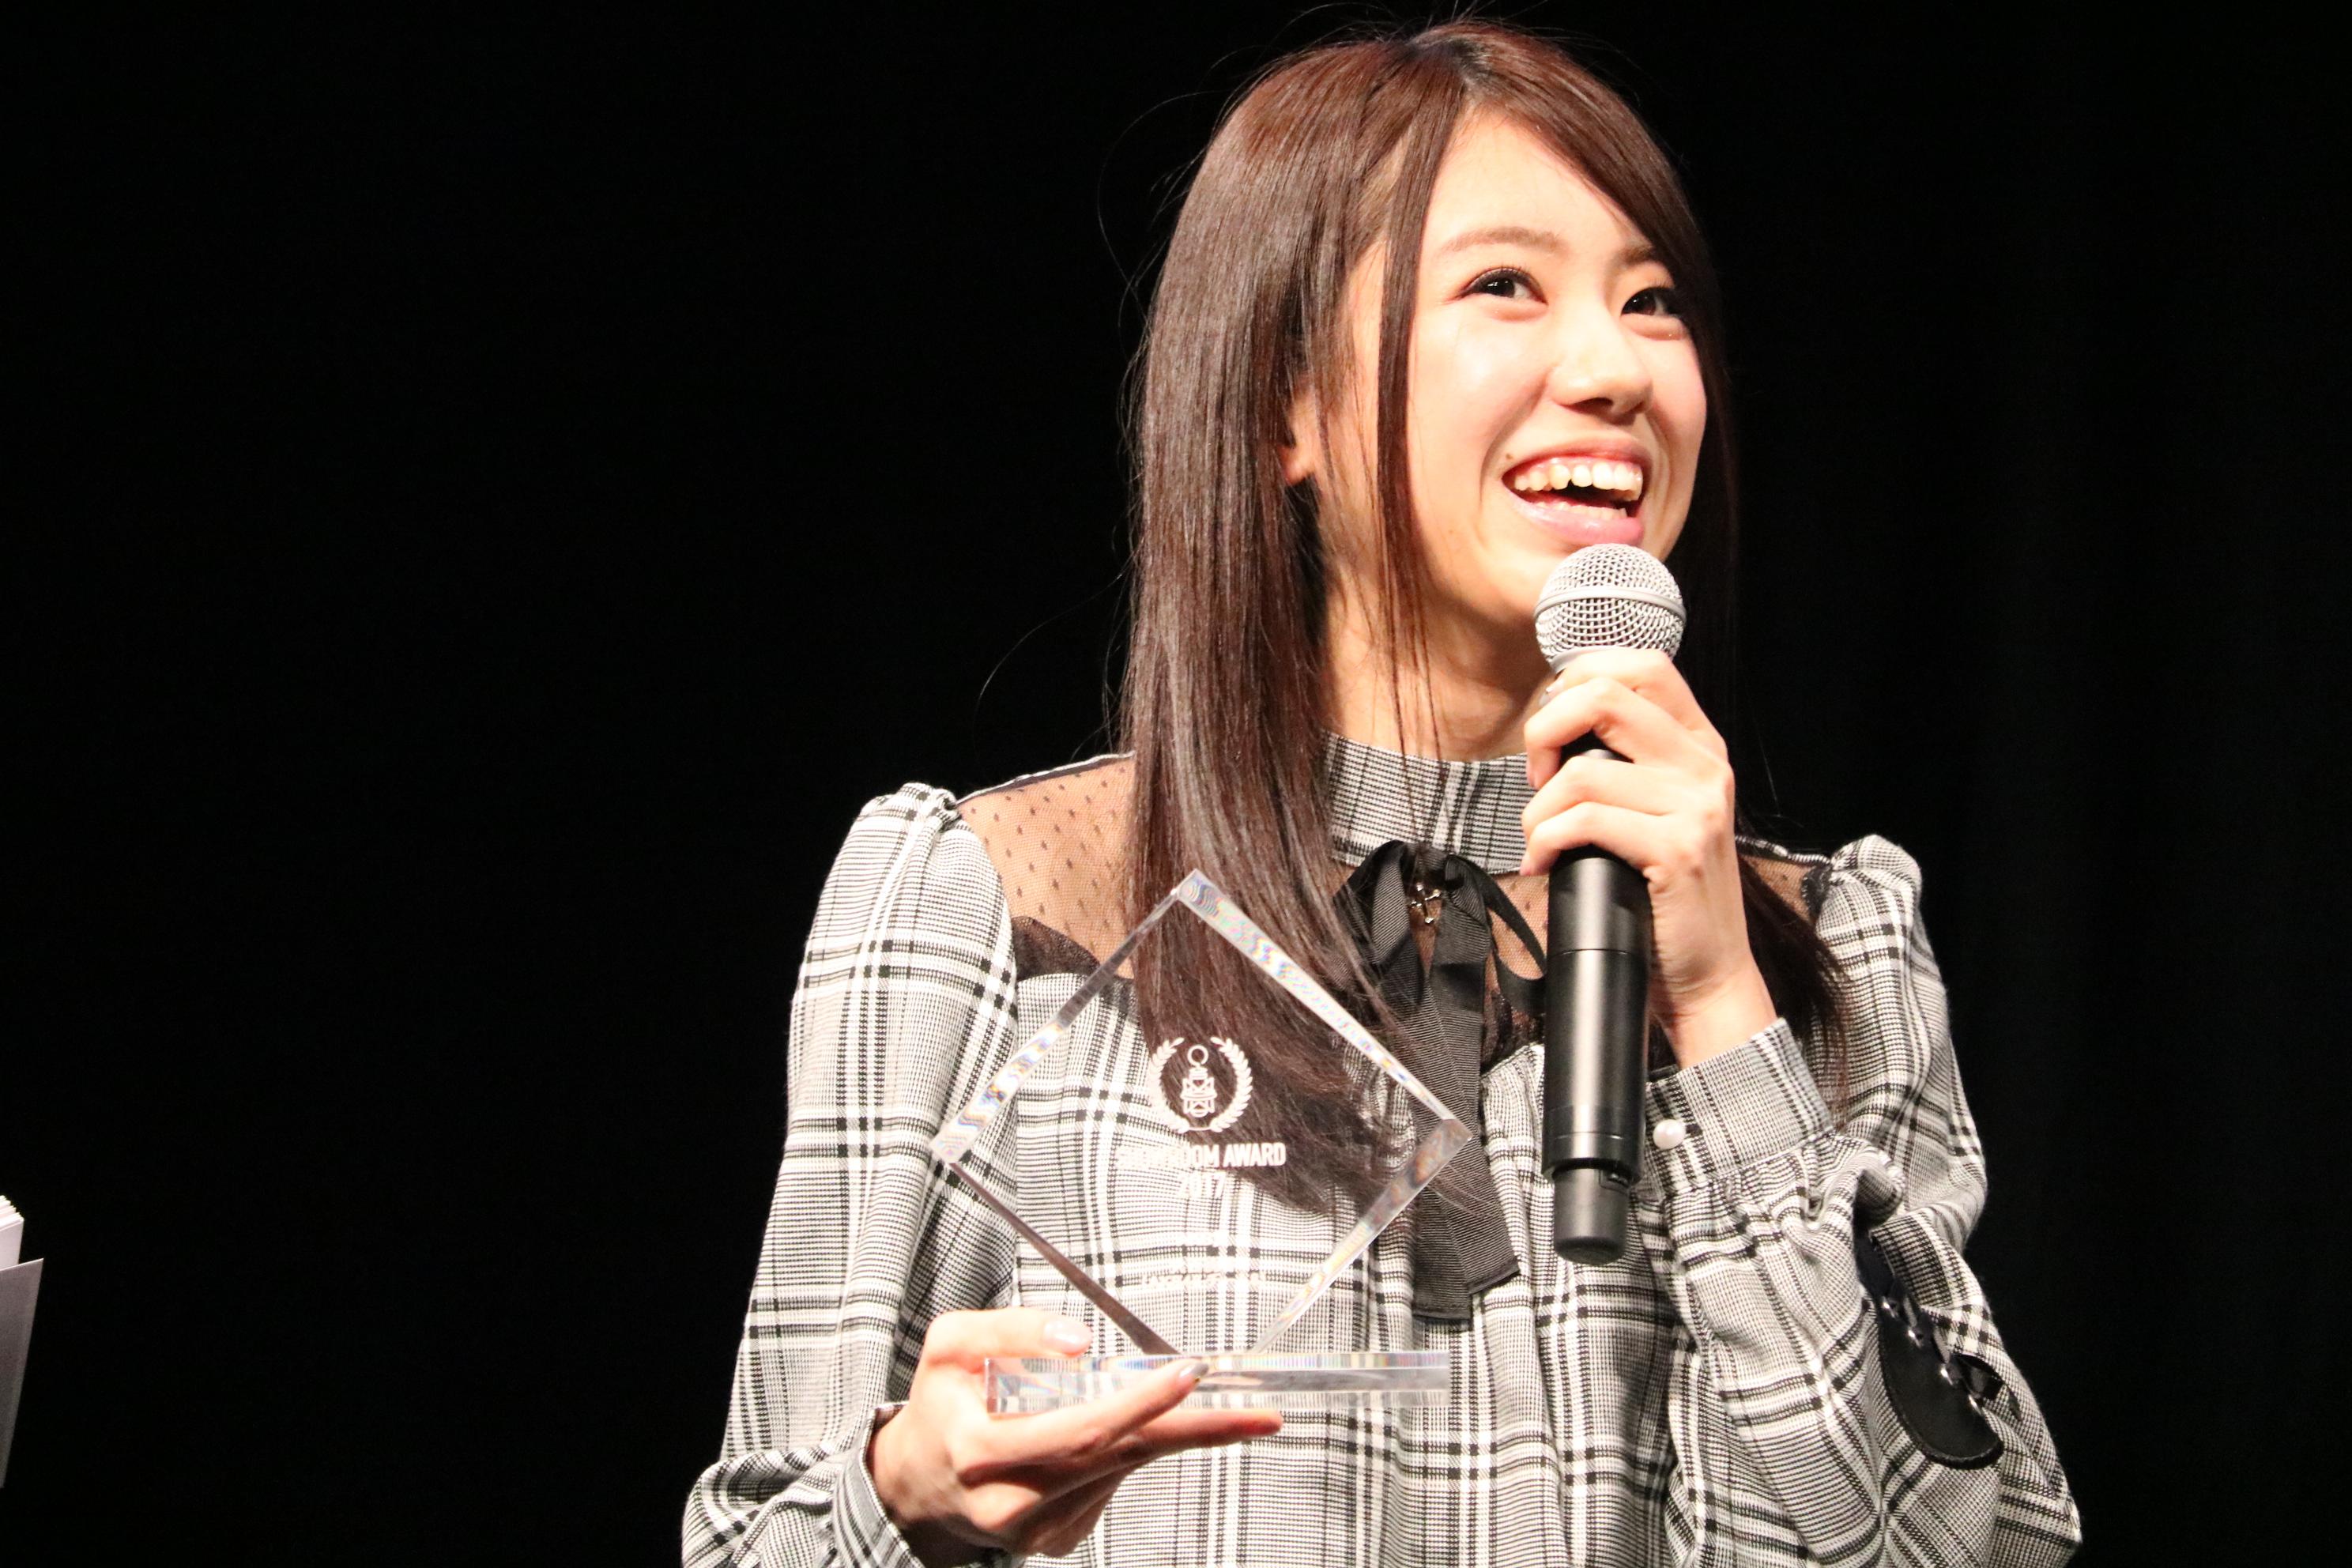 SHOWROOMアワード2017でAKB賞を受賞し、喜びを語る大西桃香